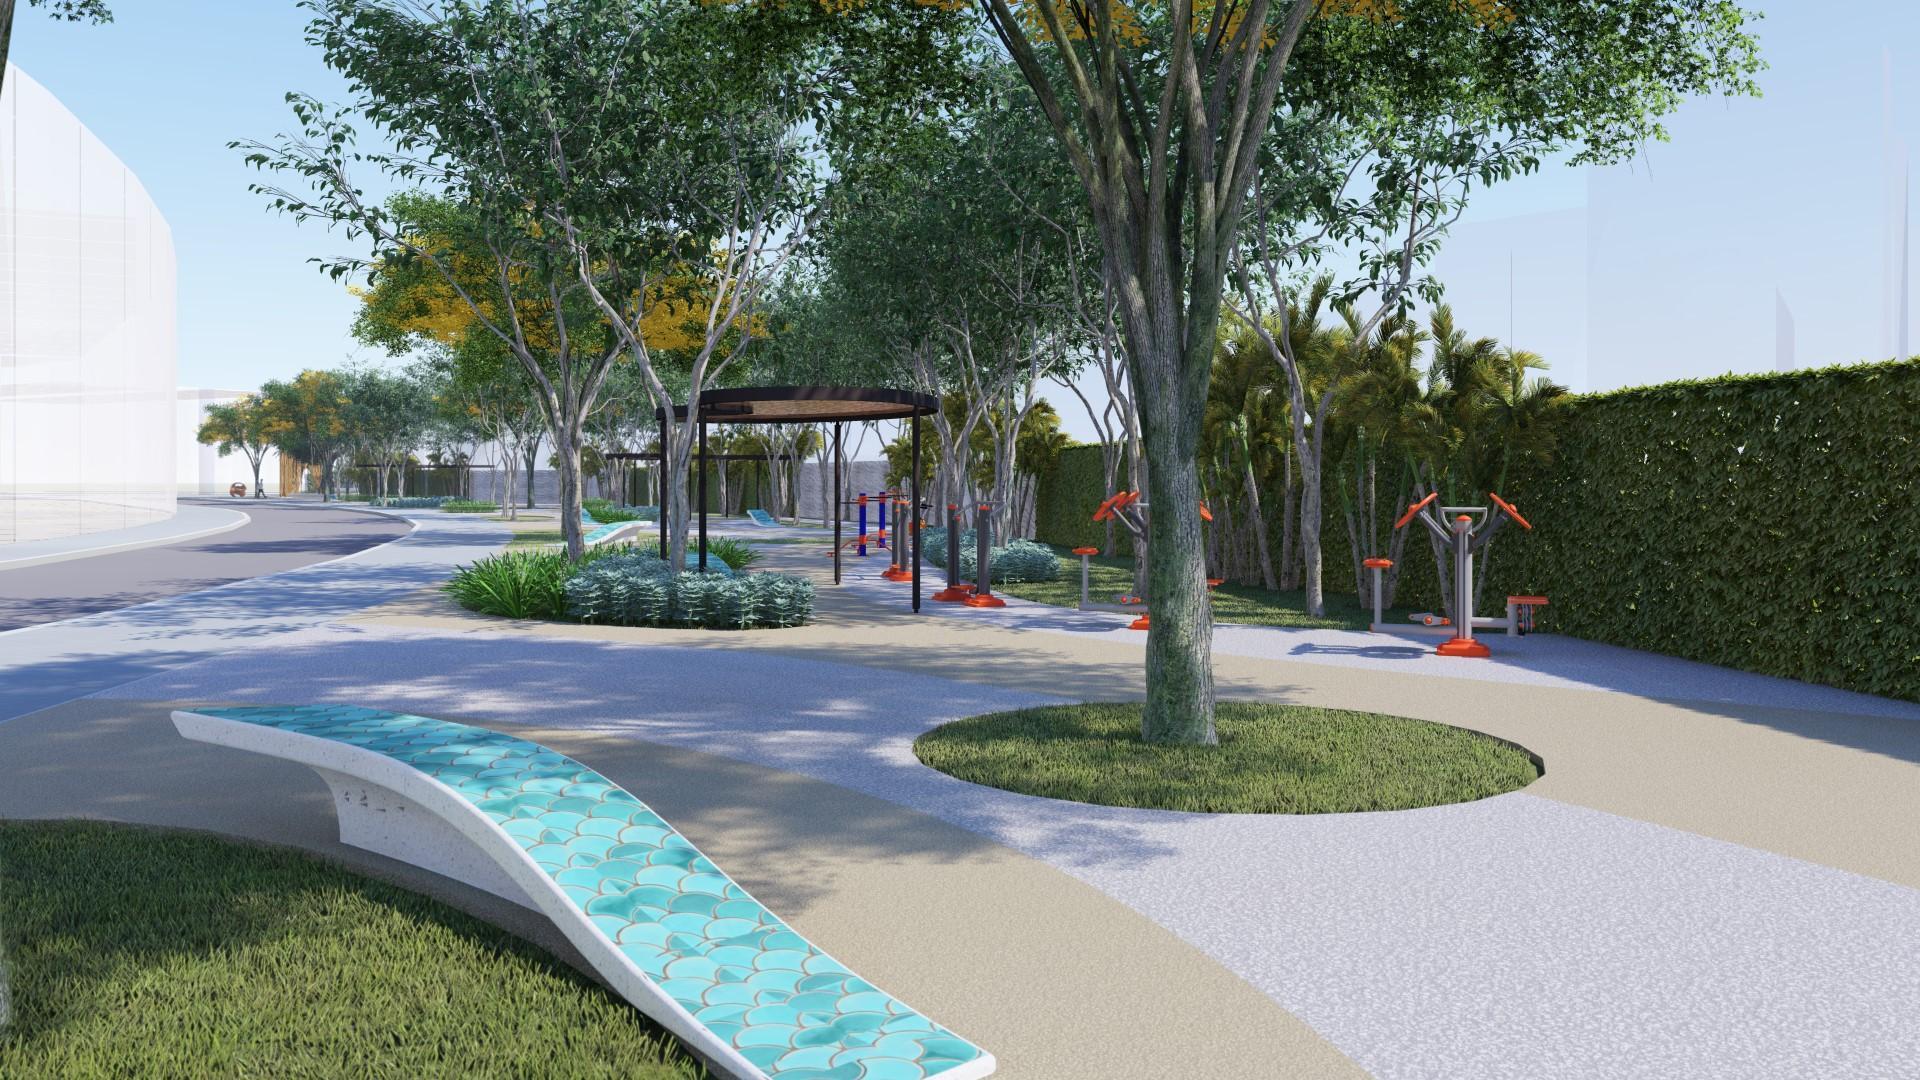 Công viên tiện ích dự án đất nền J Dragon Cần Đước Long An. Nhà Phố mặt tiền Trần Hưng Đạo.